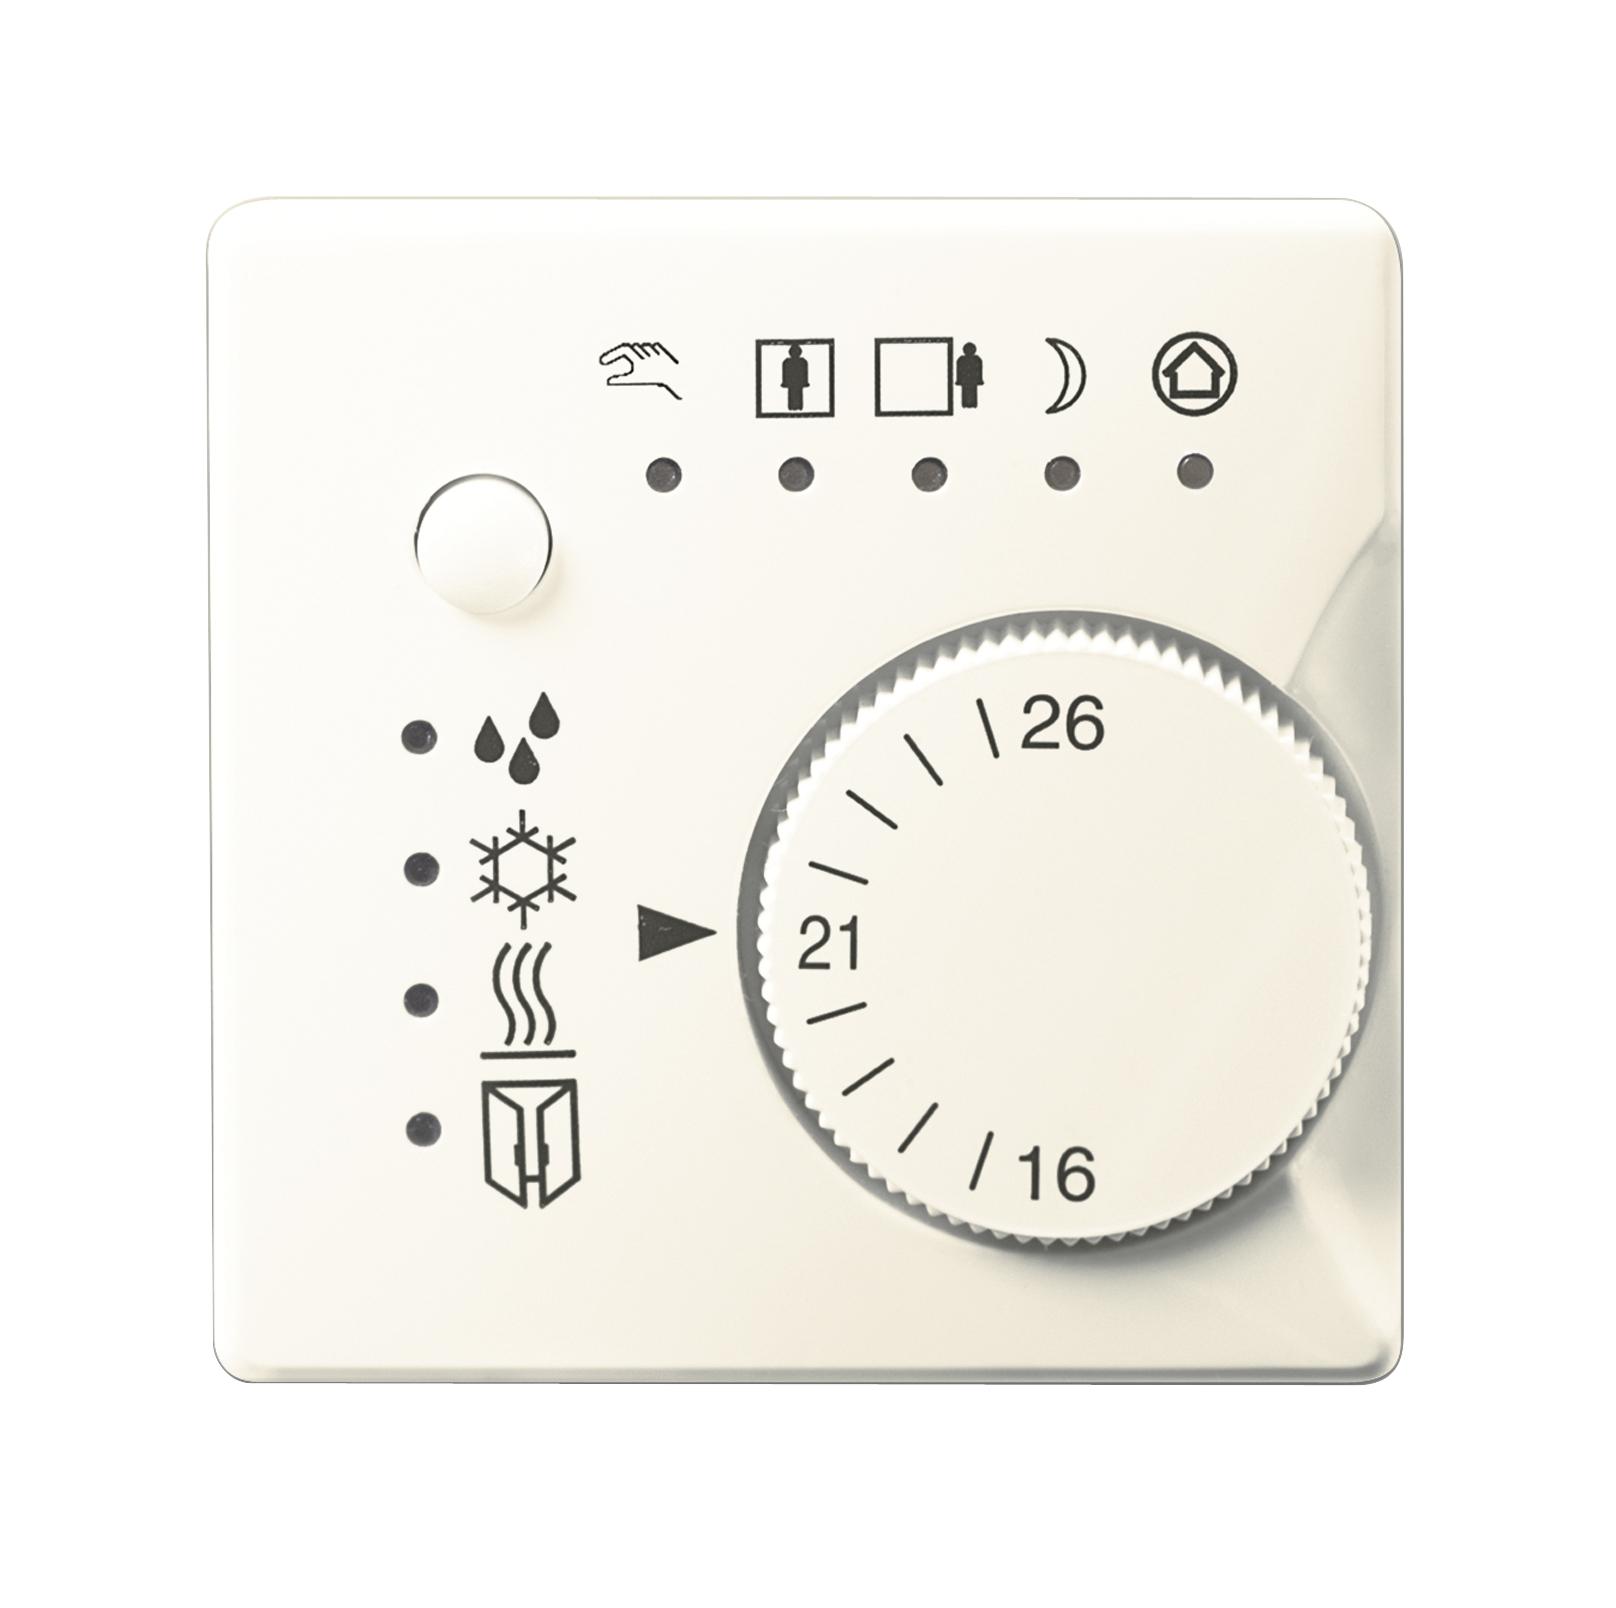 1 Stk Raumtemperaturregler, titanweiß KX2372KB11